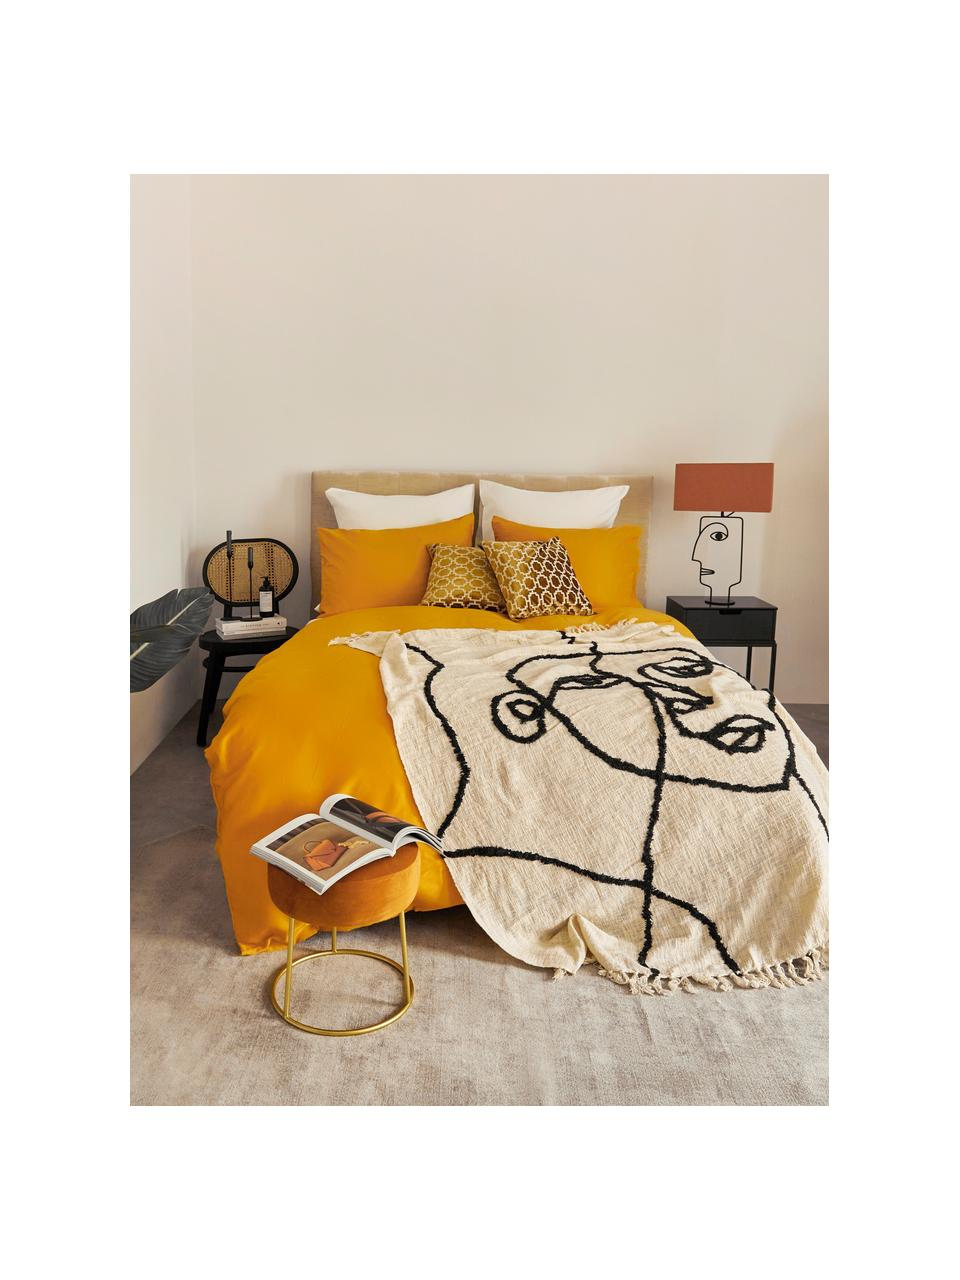 Baumwolldecke Face mit getuftetem abstraktem Muster, 100% Baumwolle, Elfenbeinfarben, Schwarz, 130 x 170 cm